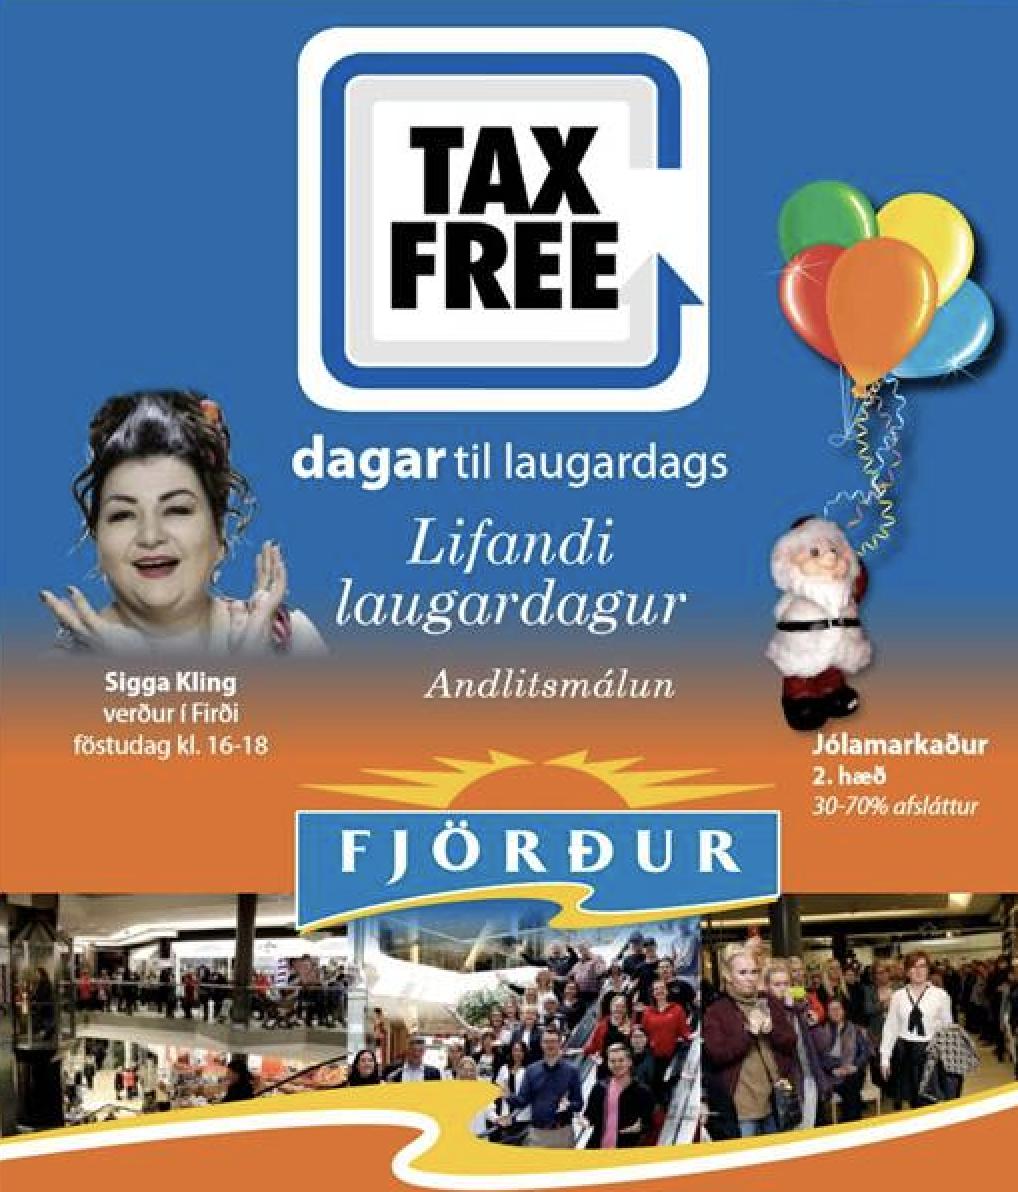 TaxFree dagar